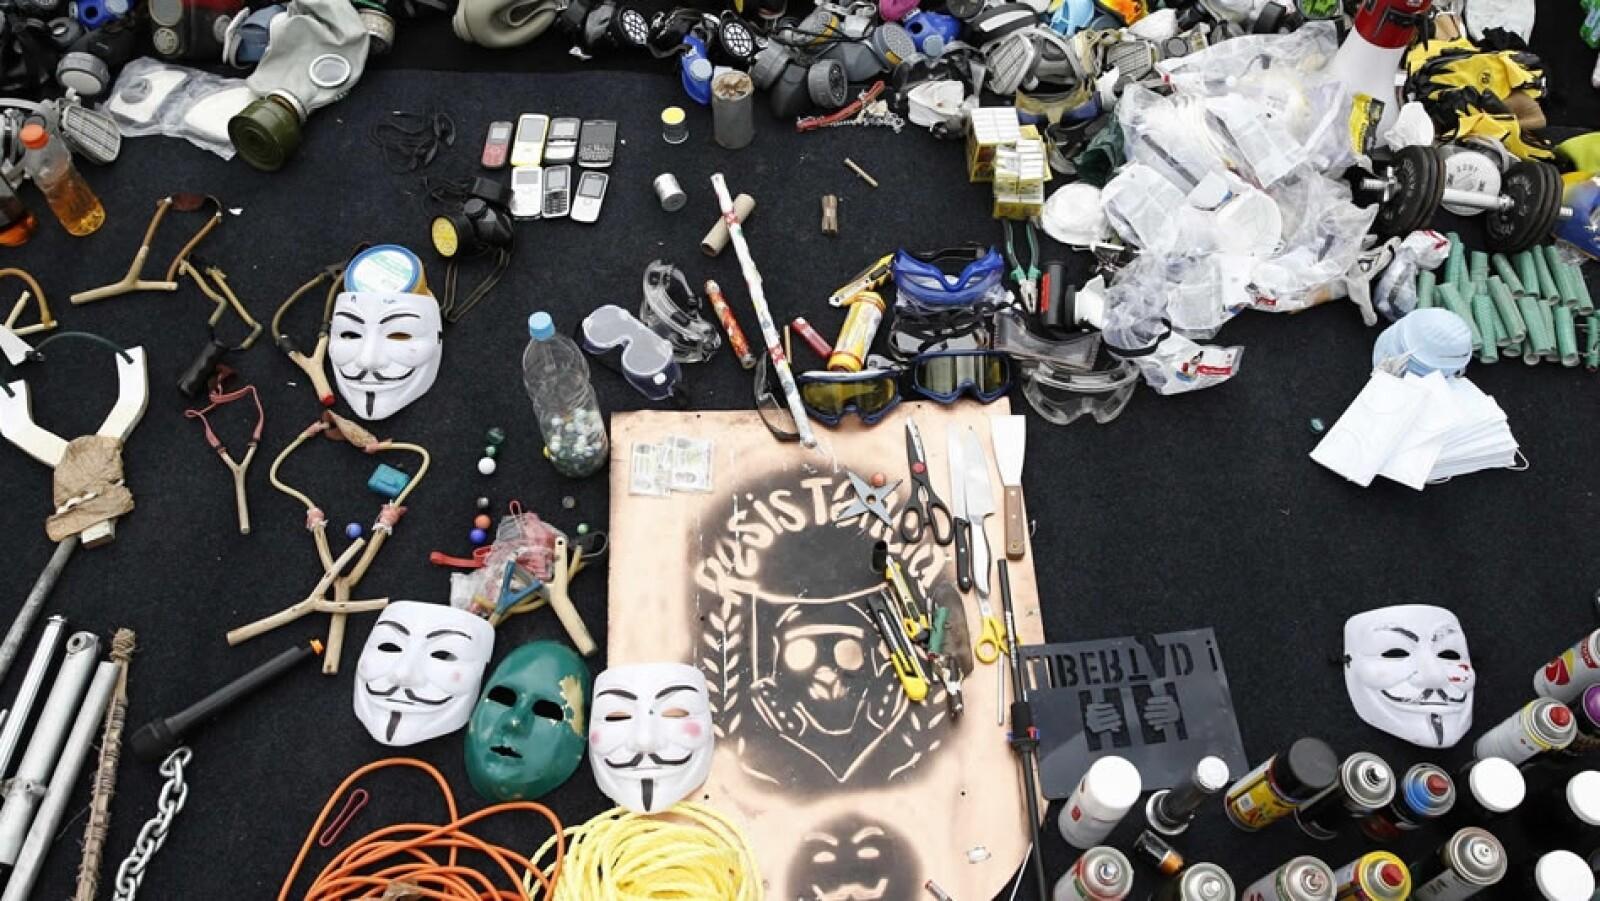 desalojo manifestantes Venezuela